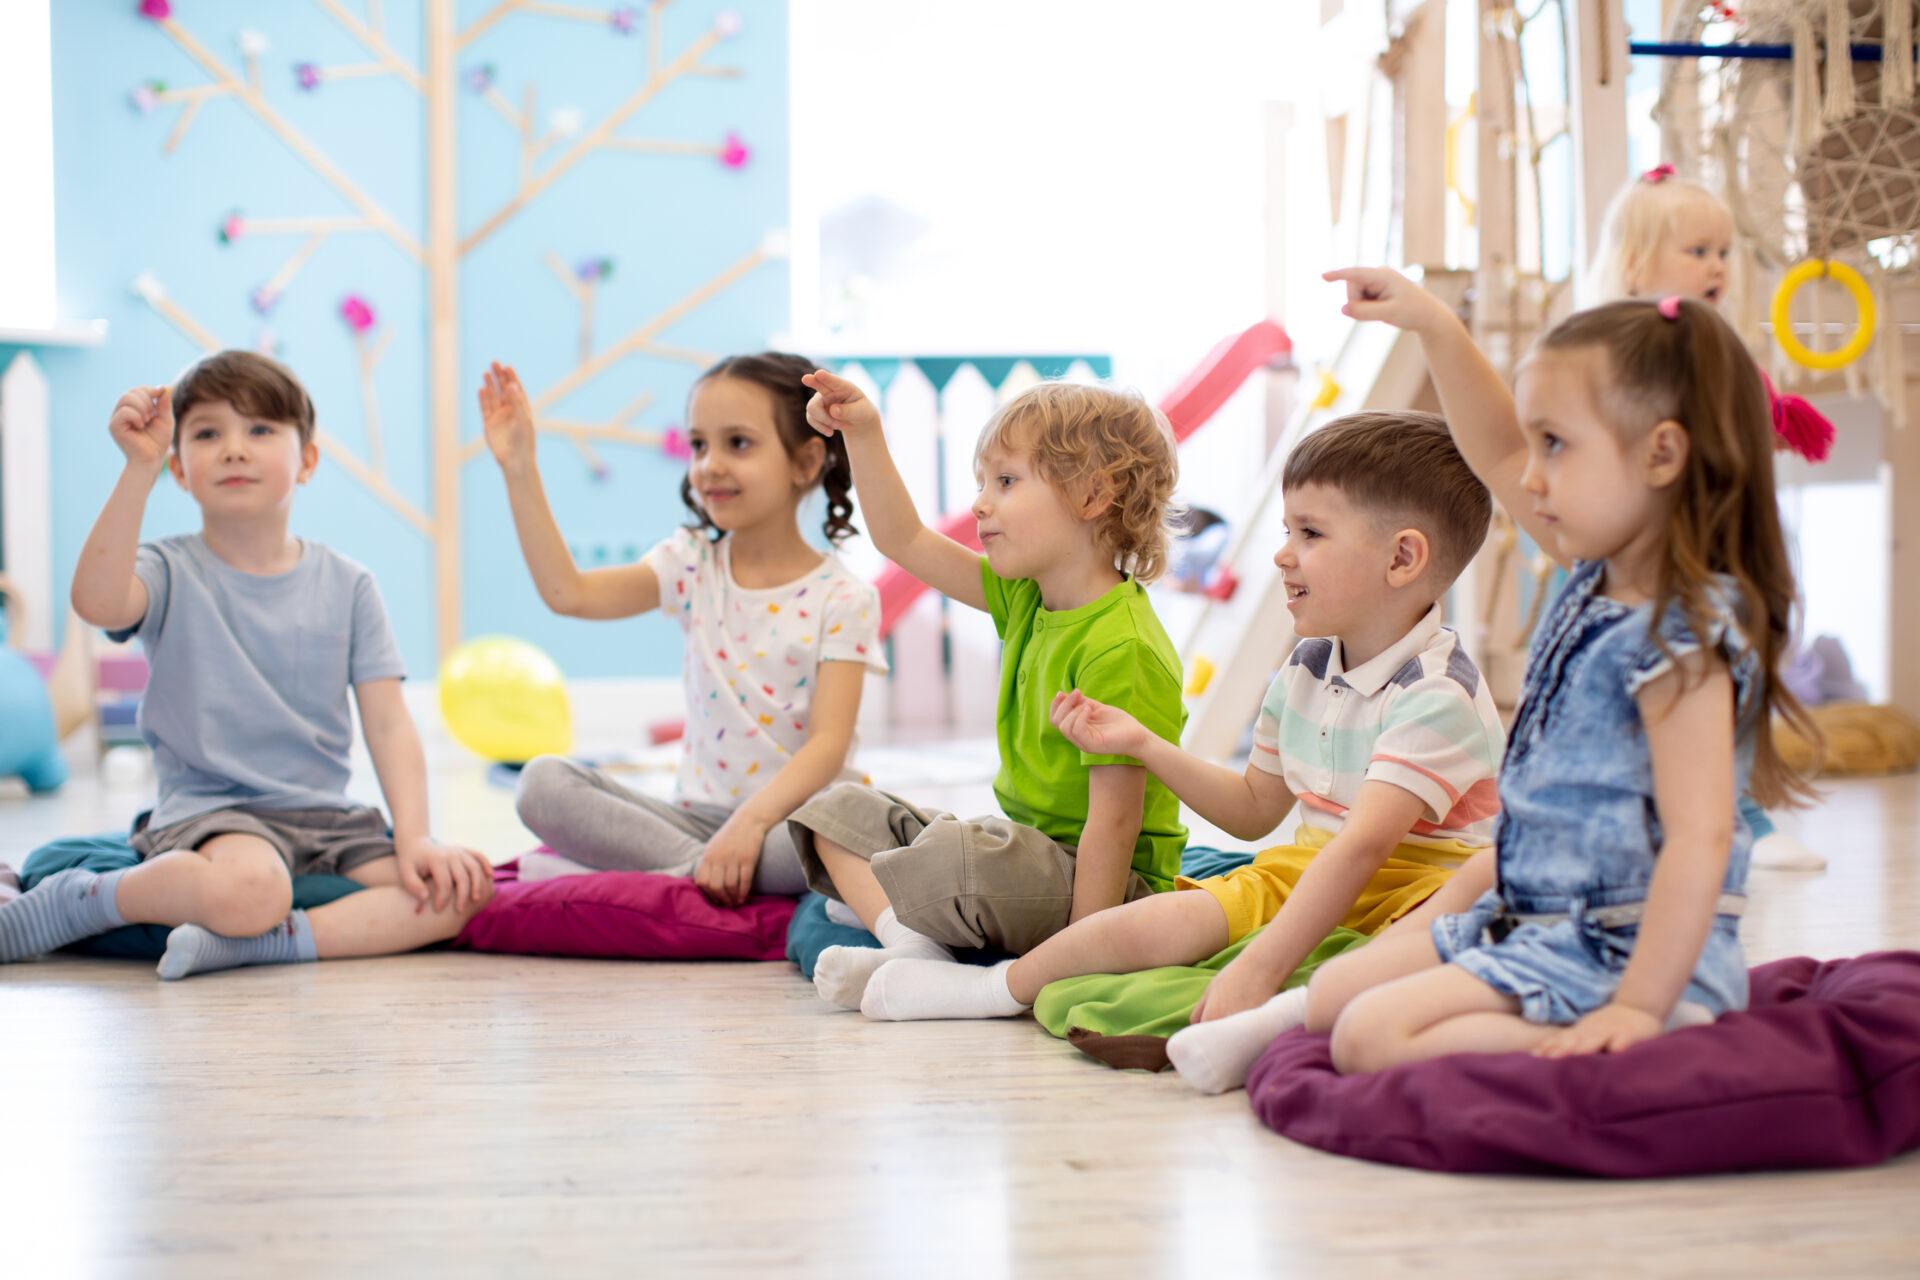 Cursus bij een kinderdagverblijf/ peuterspeelzaal